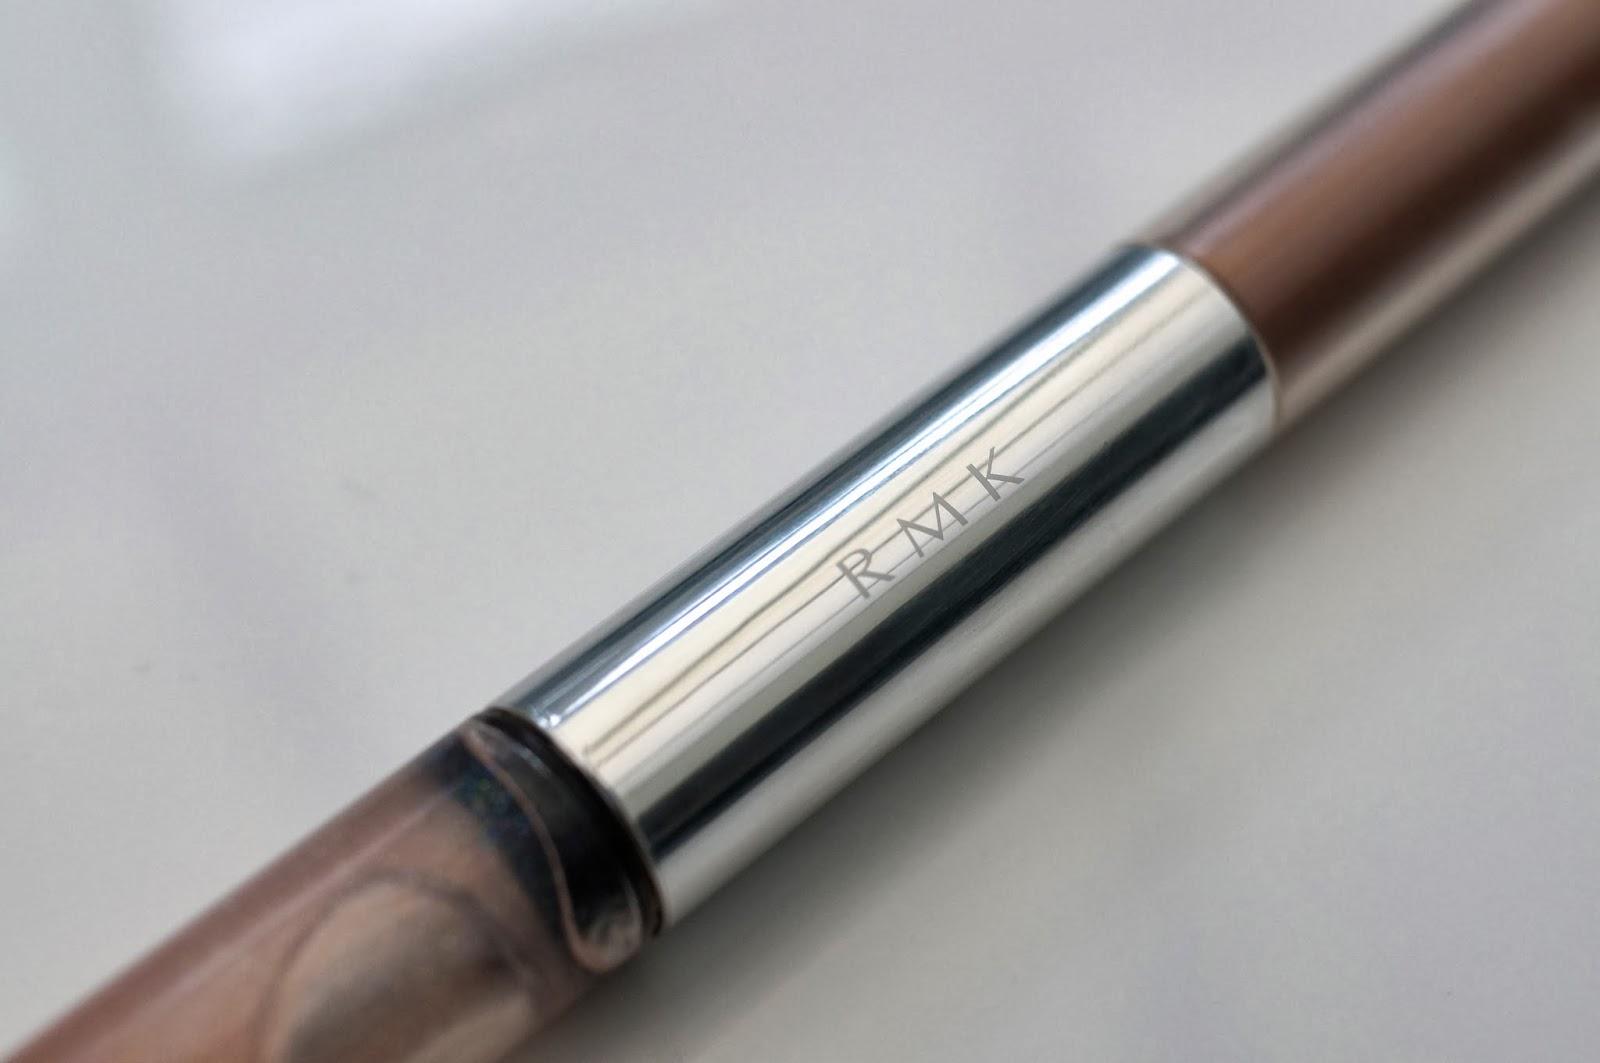 RMK Lipgloss liner